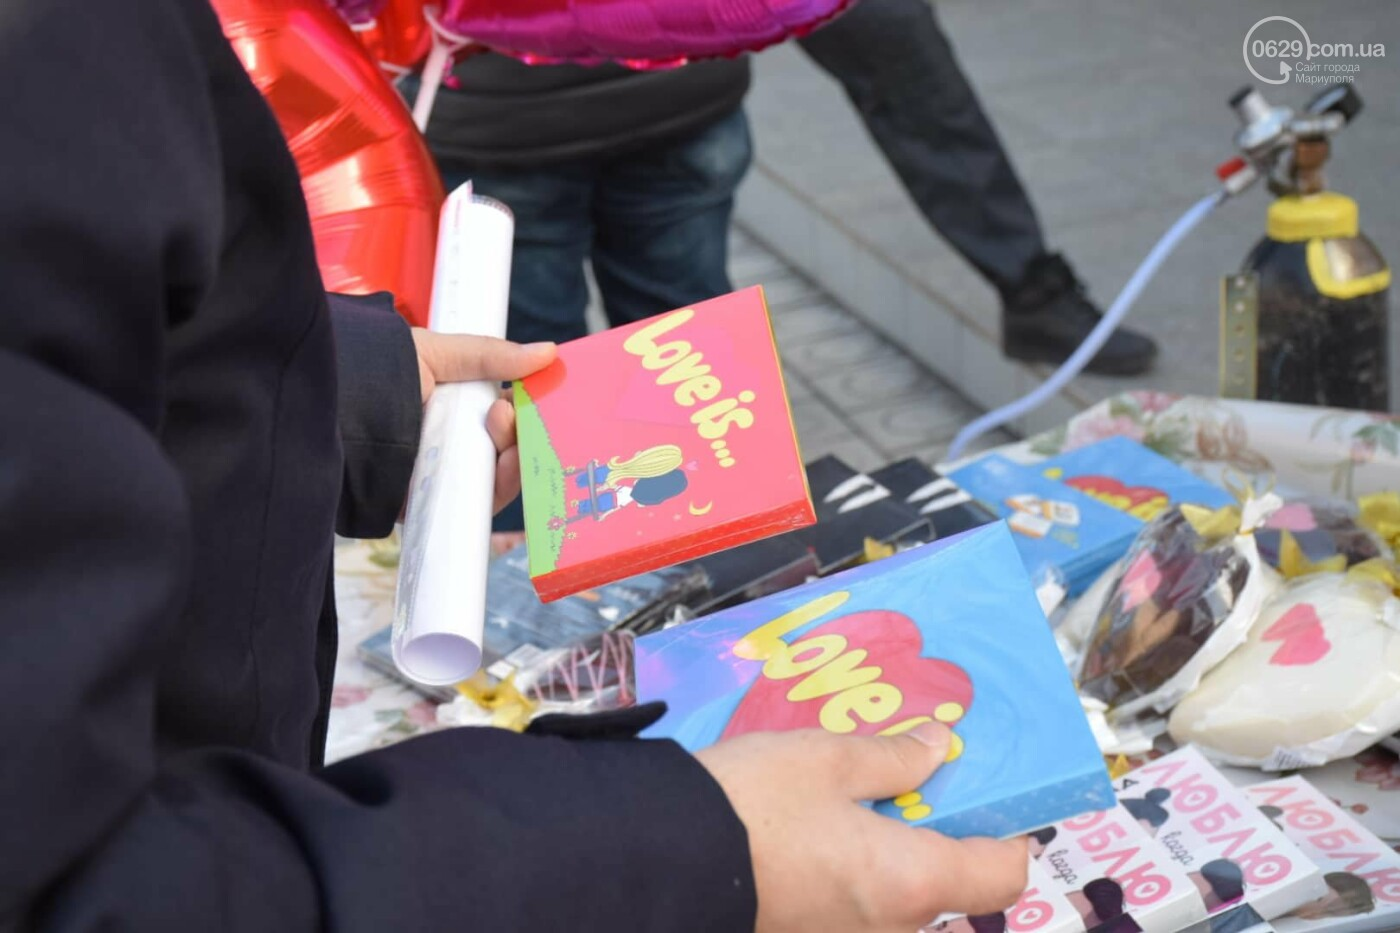 День Святого Валентина в Мариуполе: цветы, шары и мужчины-романтики, - ФОТОРЕПОРТАЖ, фото-21